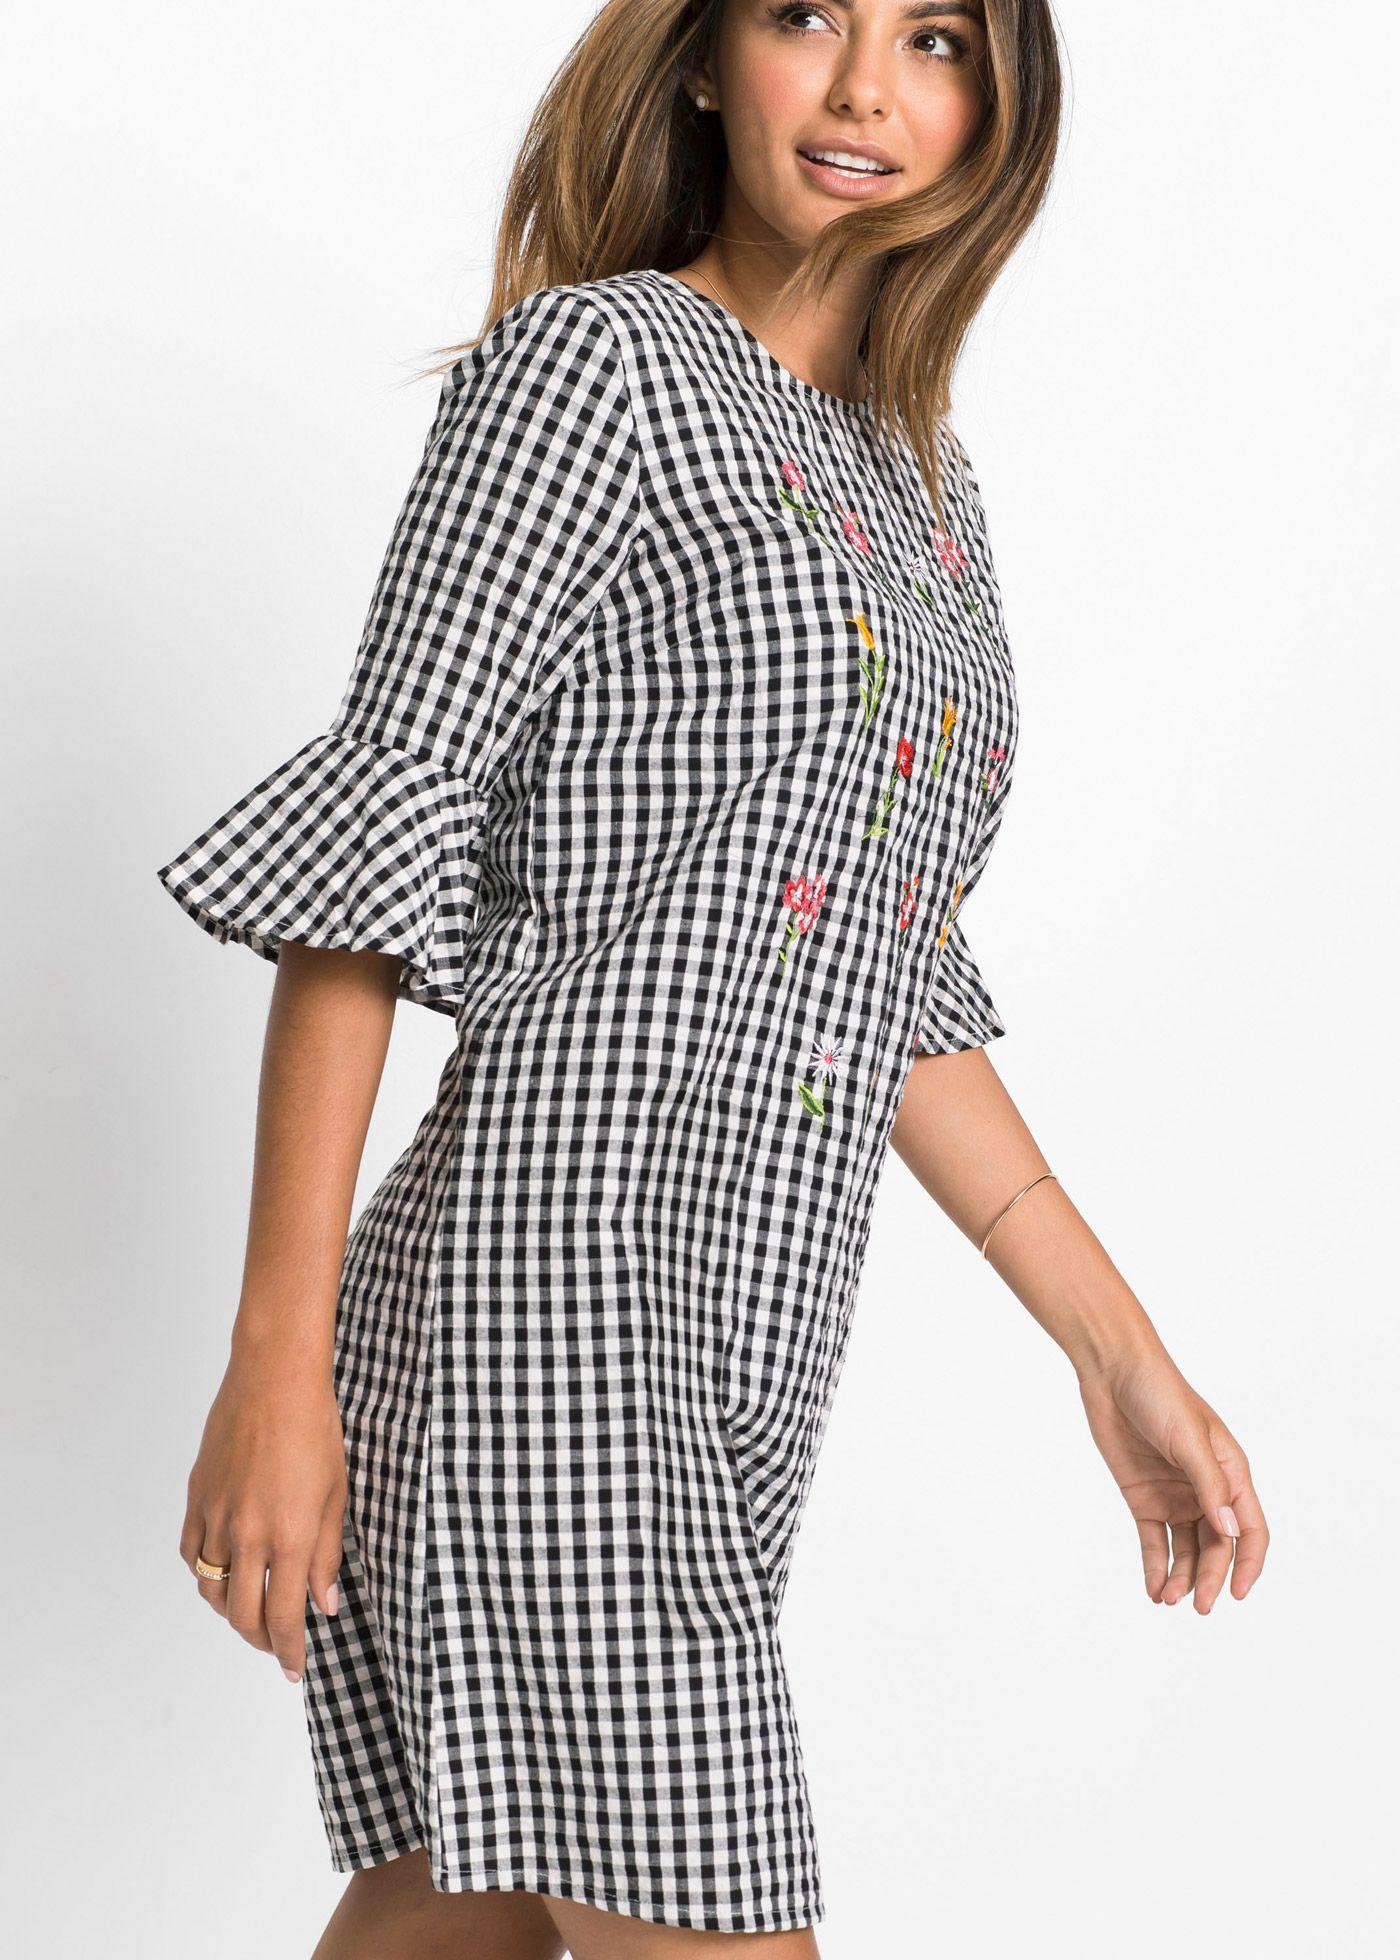 e9d866fdfb5a44 Kleid im Vichy-Karo | We ♥ Karo | Kleider, Karo und Stickerei